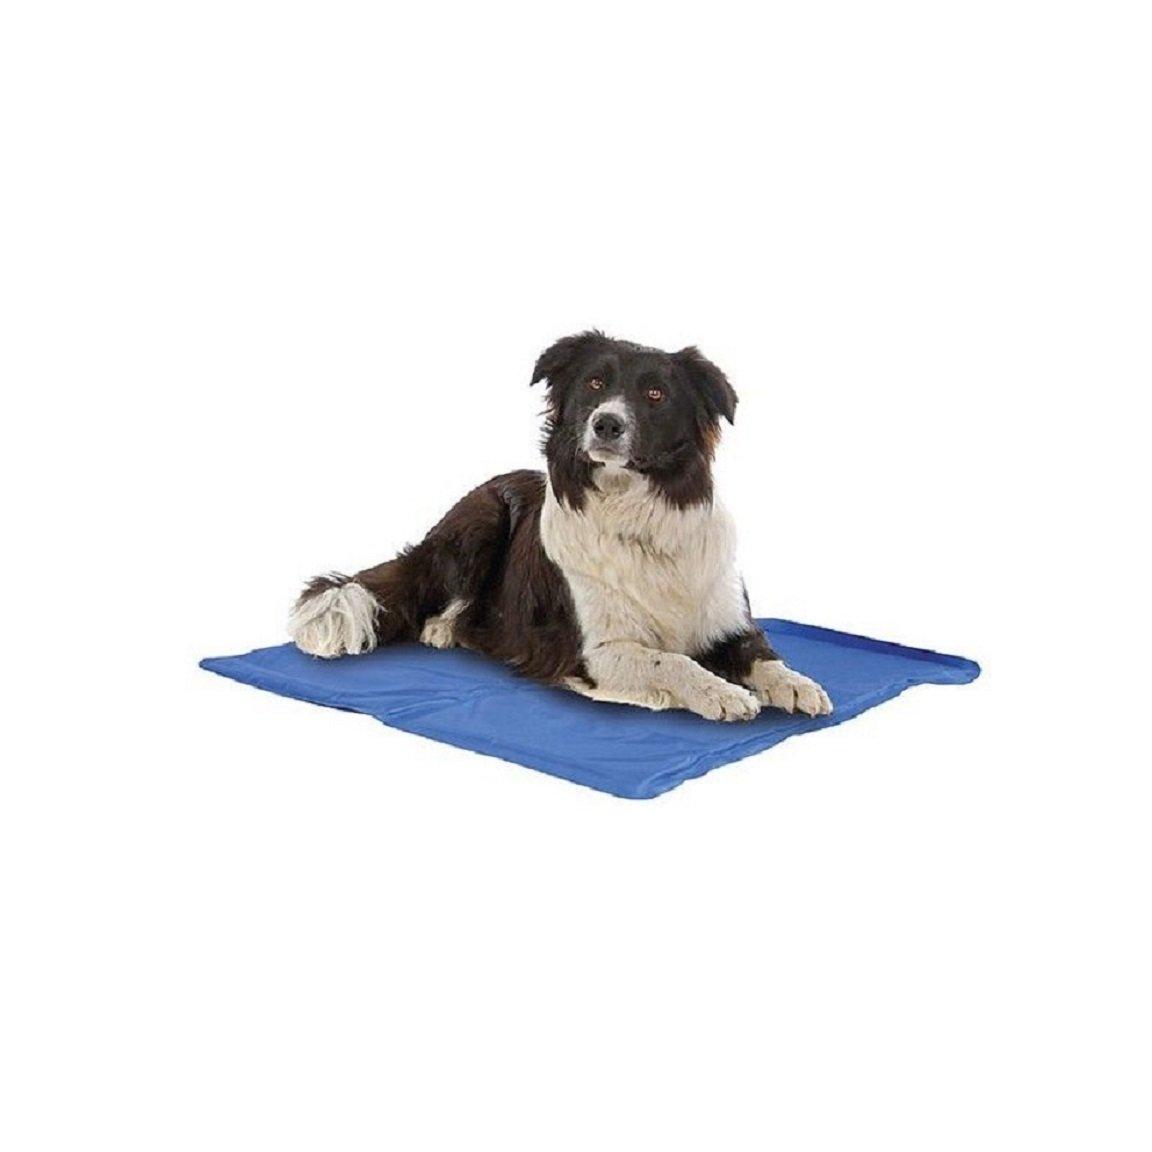 Cama refrescante para perros Nayeco Coolt Mat 50 x90 cm: Amazon.es: Deportes y aire libre